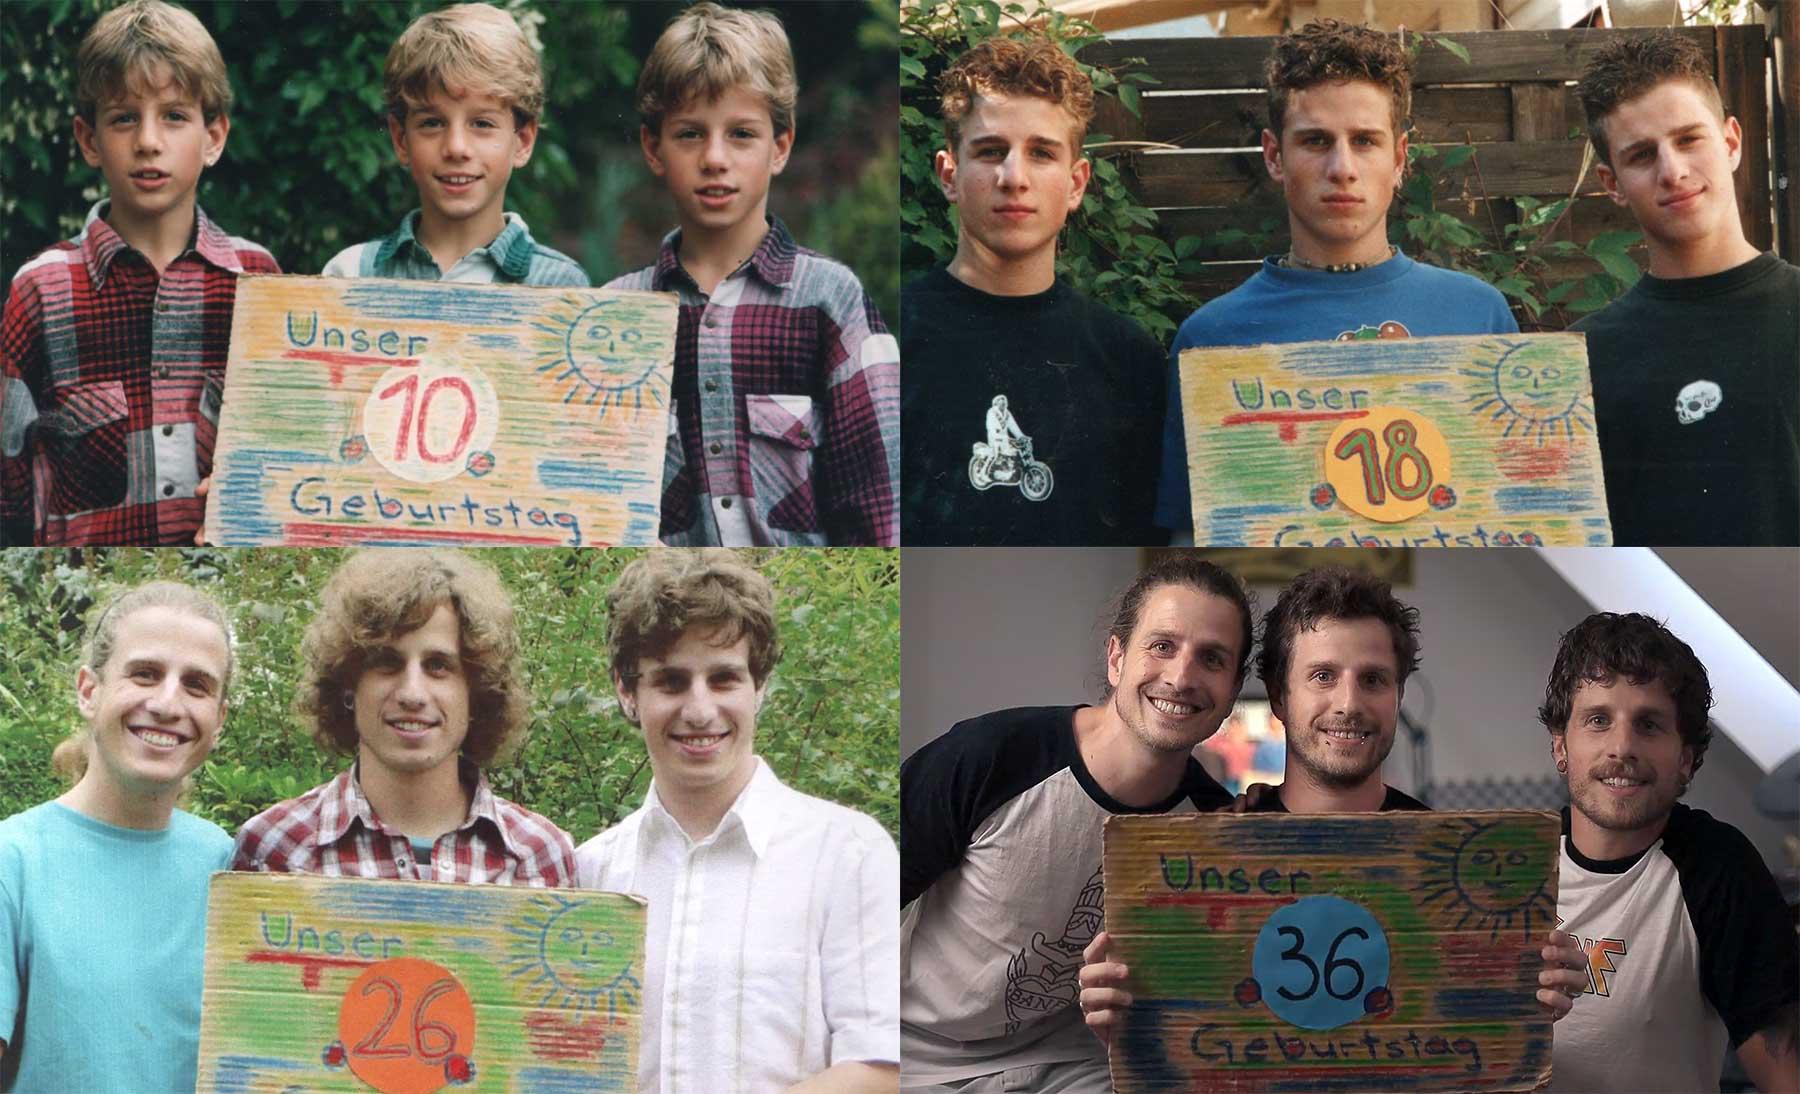 Eineiige Drillinge machen seit 36 Jahren jeden Geburtstag ein Gruppenfoto Drillinge-jeden-geburtstag-foto-36-jahre